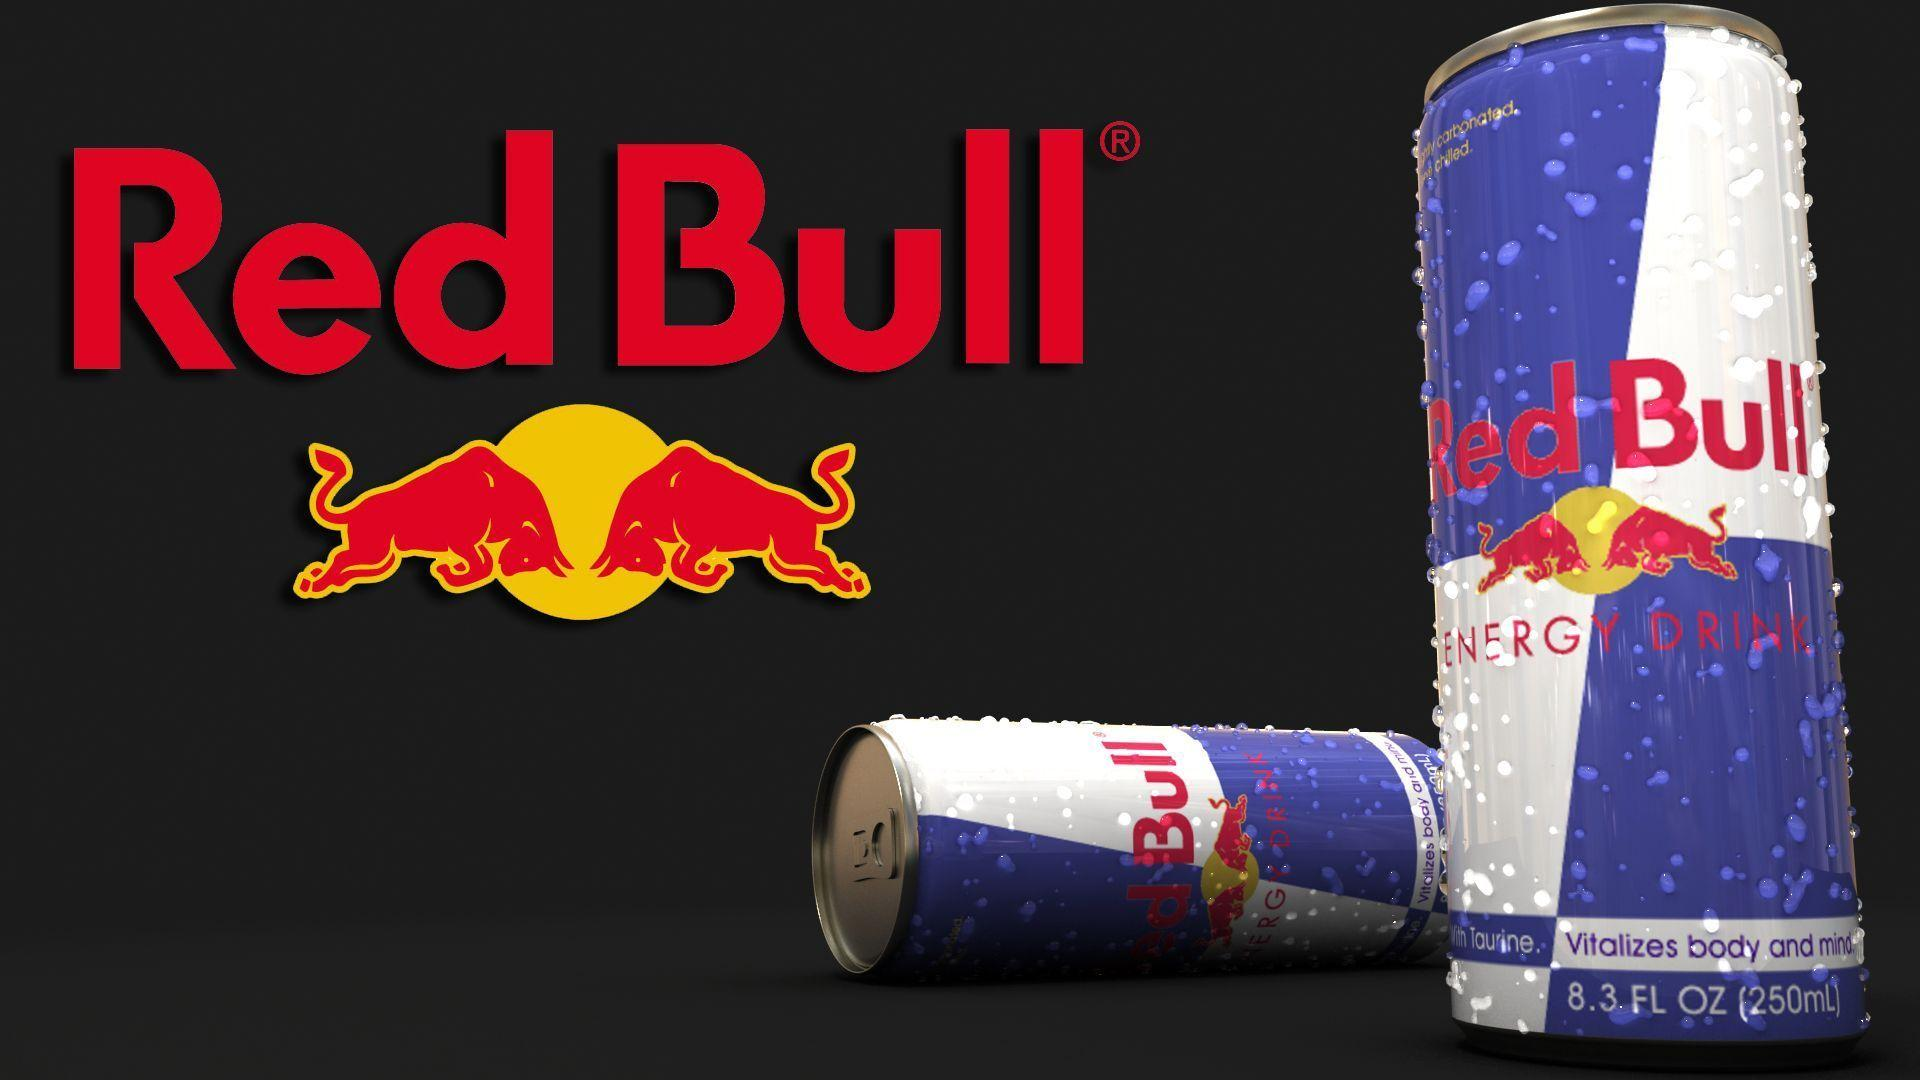 red bull logo wallpaper desktop - photo #11